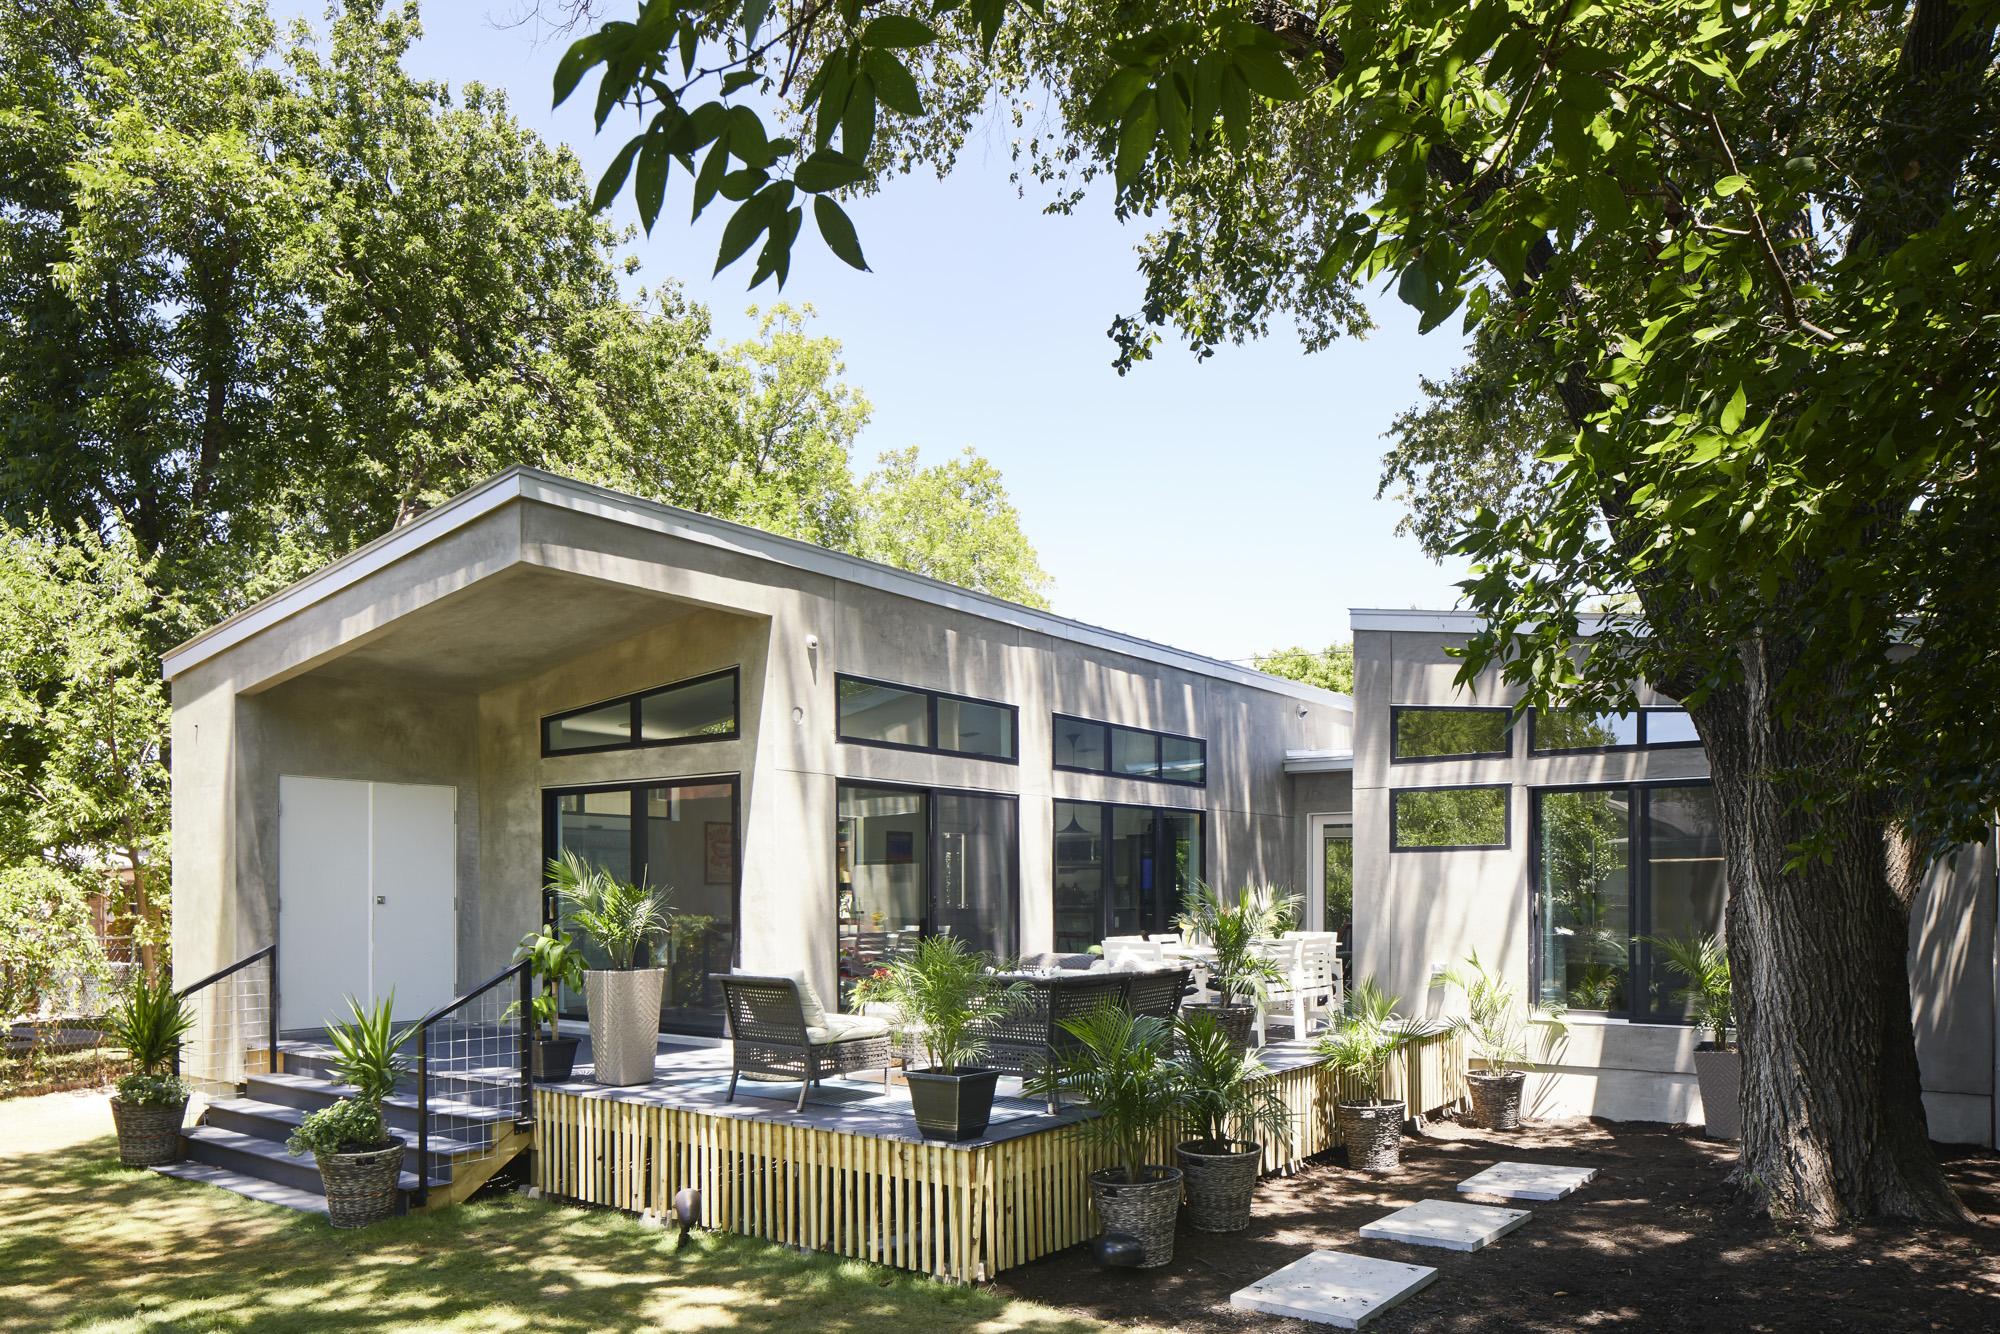 home of the future back yard.jpg